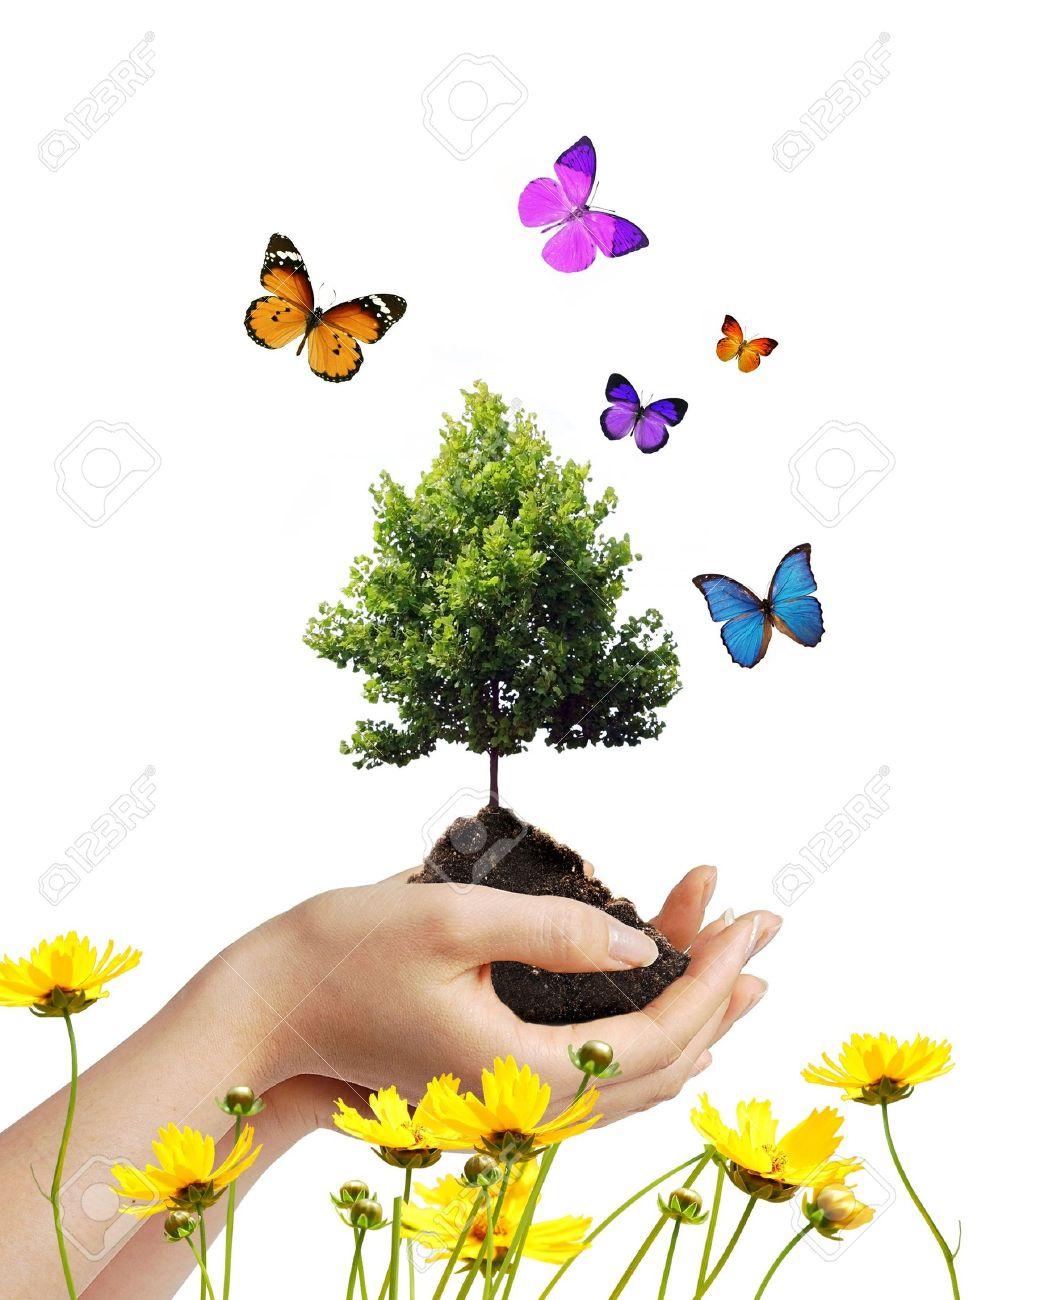 """Résultat de recherche d'images pour """"image arbre qui grandit"""""""